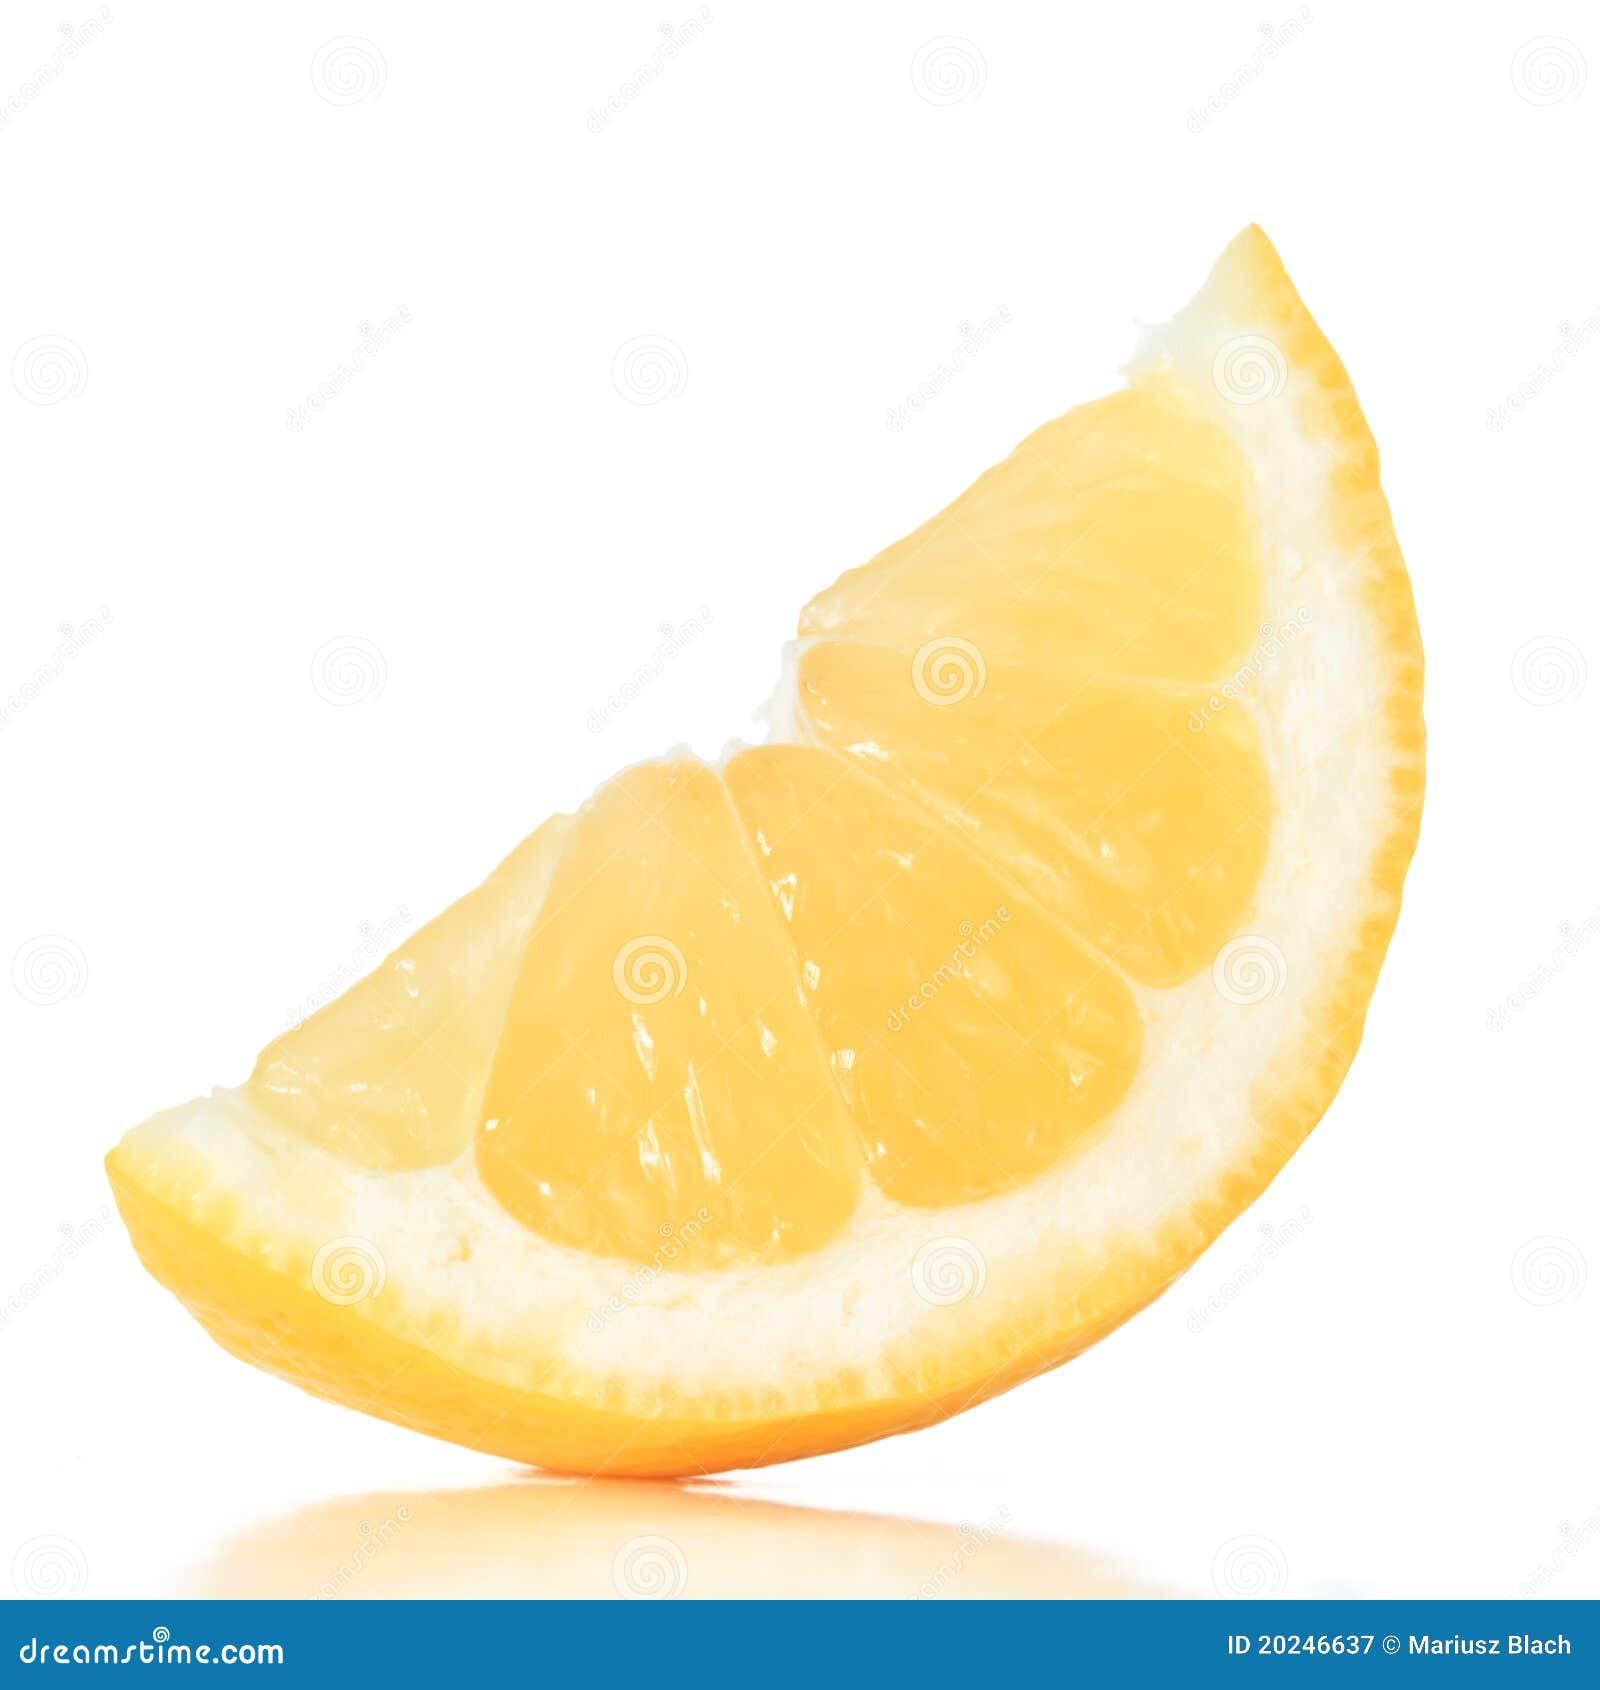 Lemon Slice Royalty Free Stock Photography Image 20246637